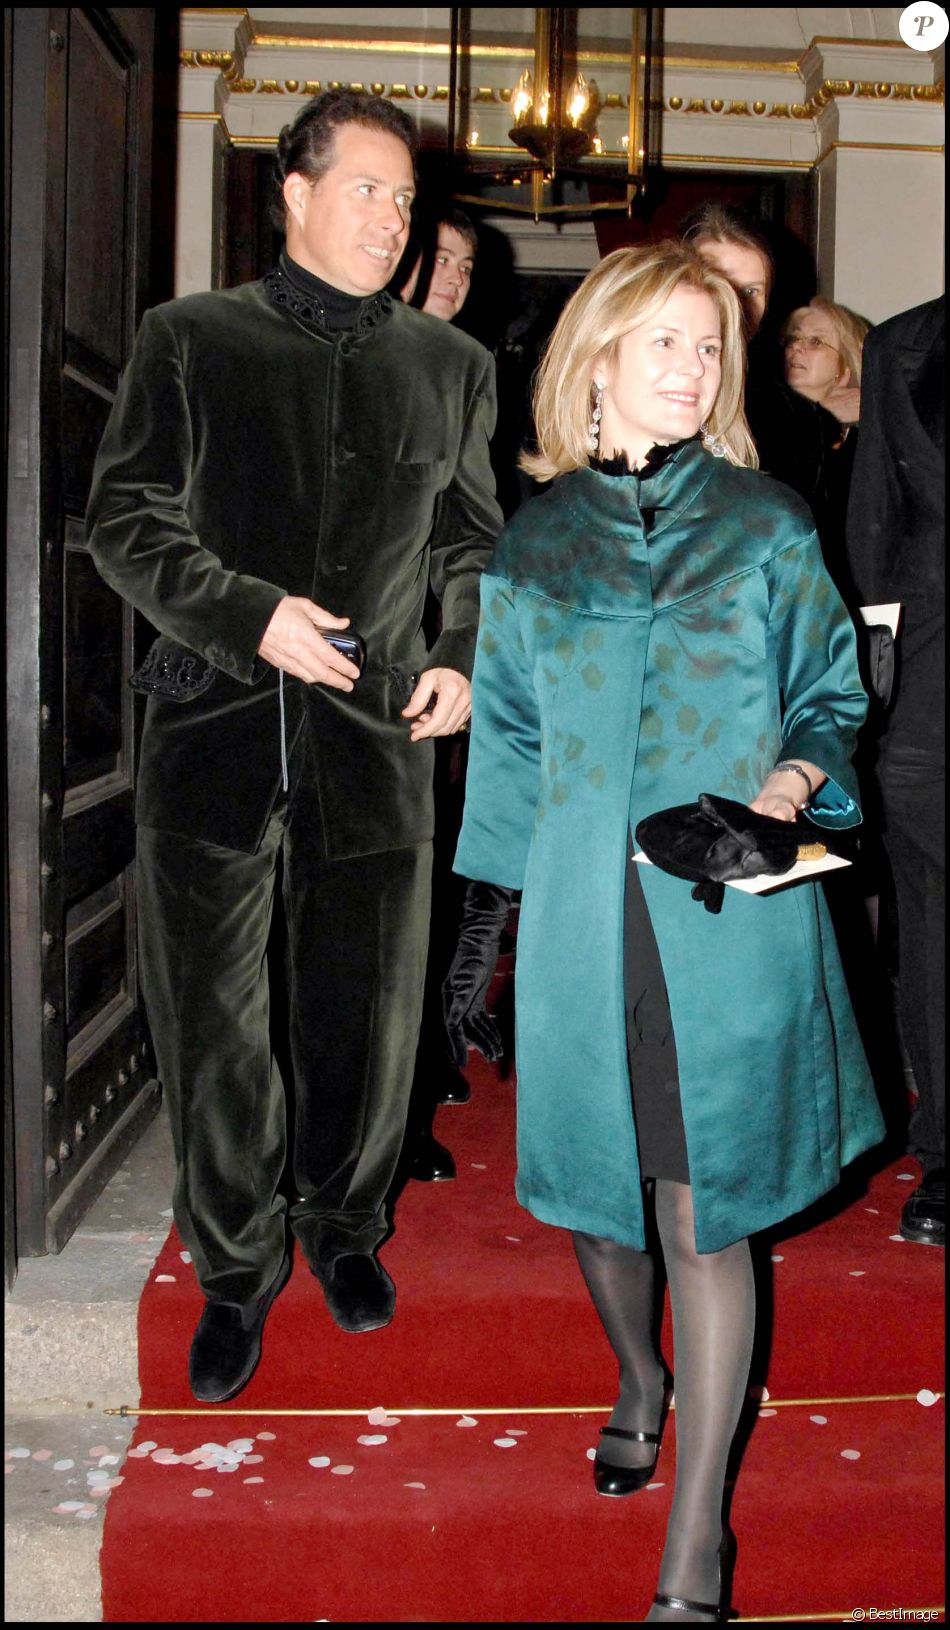 David Linley et son épouse Serena Stanhope au mariage de Frances Armstrong-Jones et Rodolphe von Mannsthal à Londres en 2006.